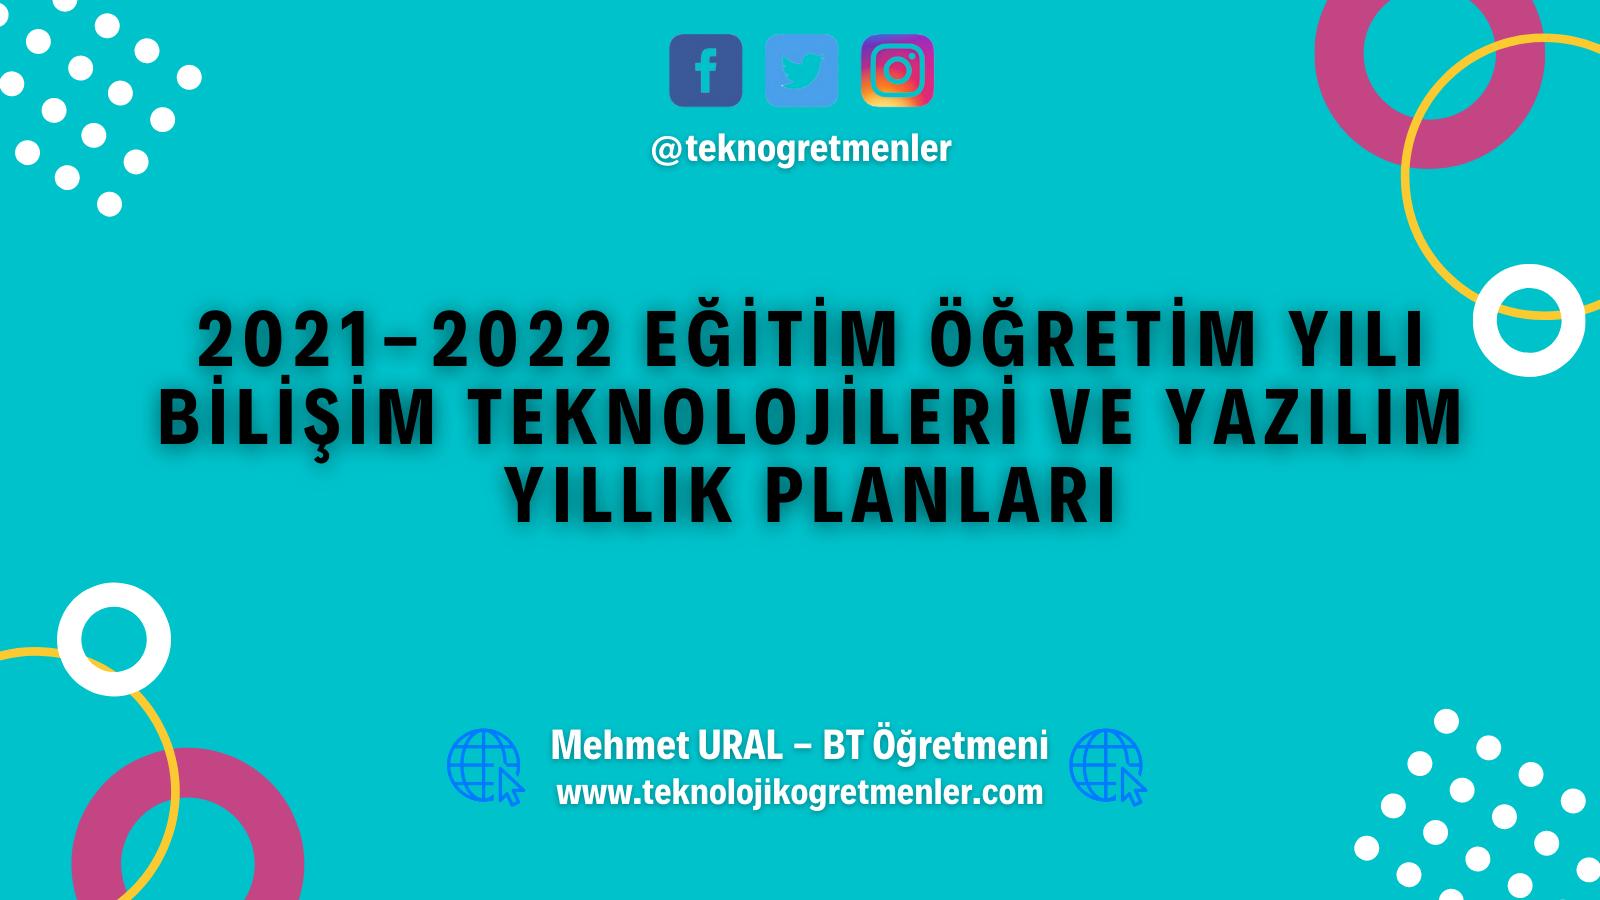 2021-2022 Bilişim Teknolojileri ve Yazılım Dersi BEP Planları